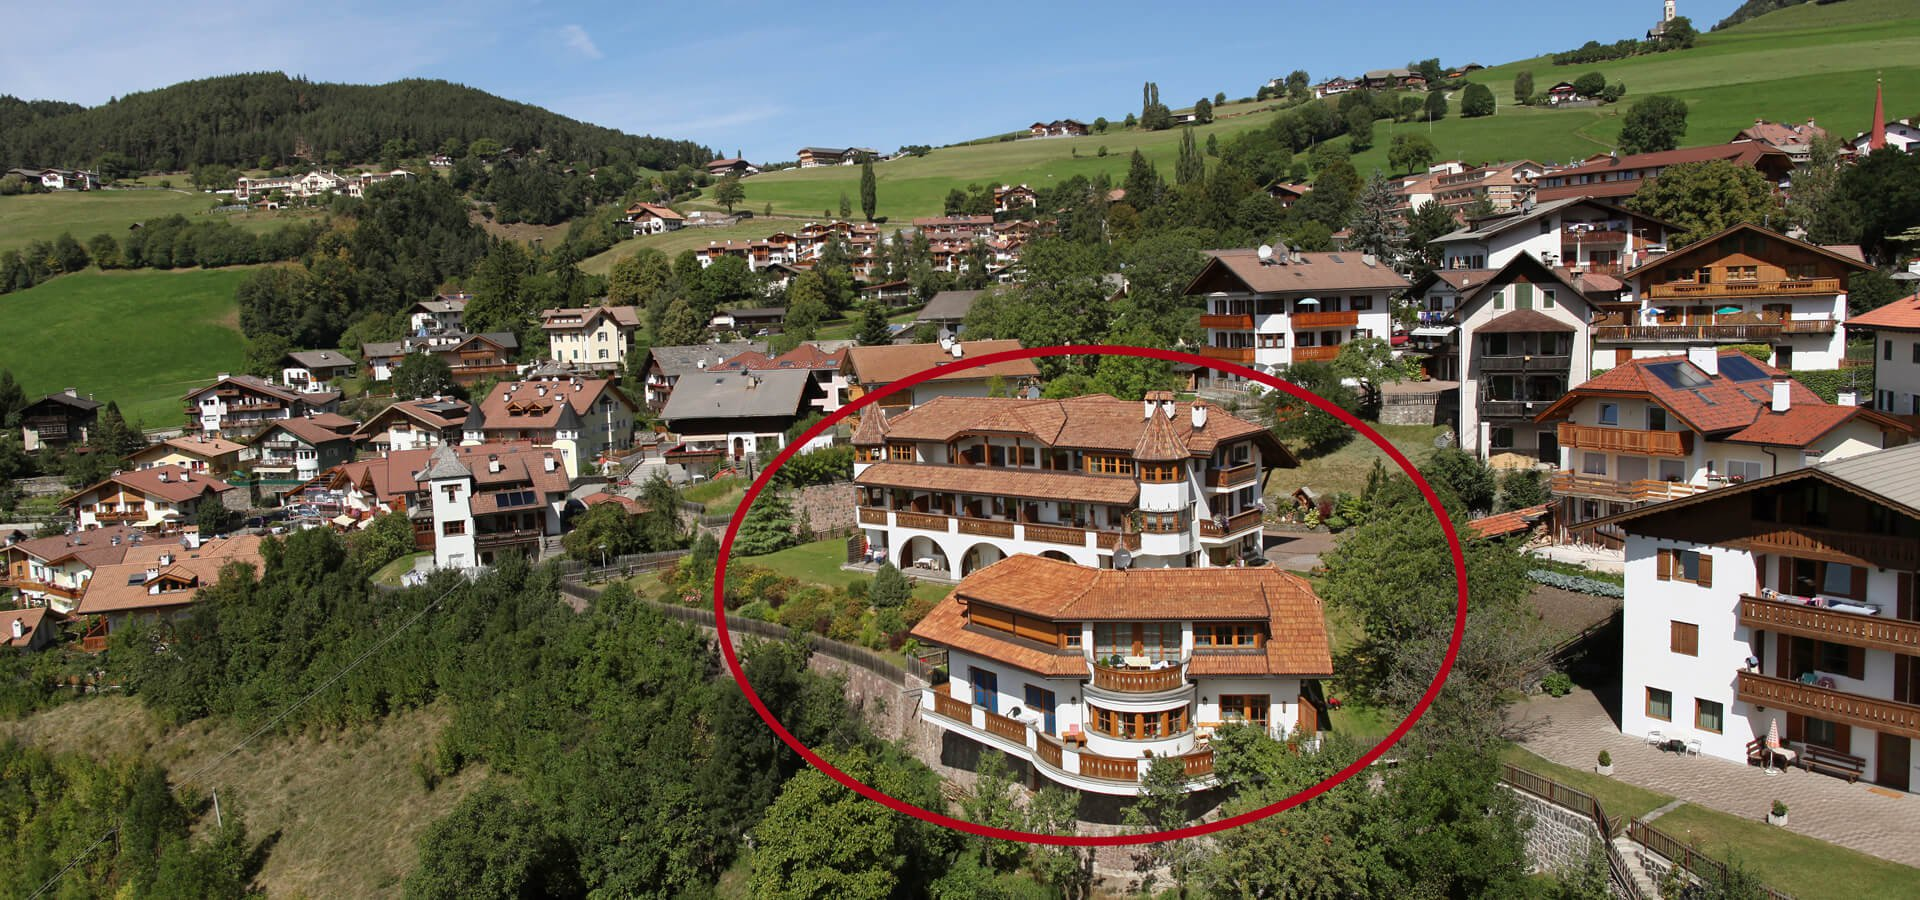 residence burghof seis